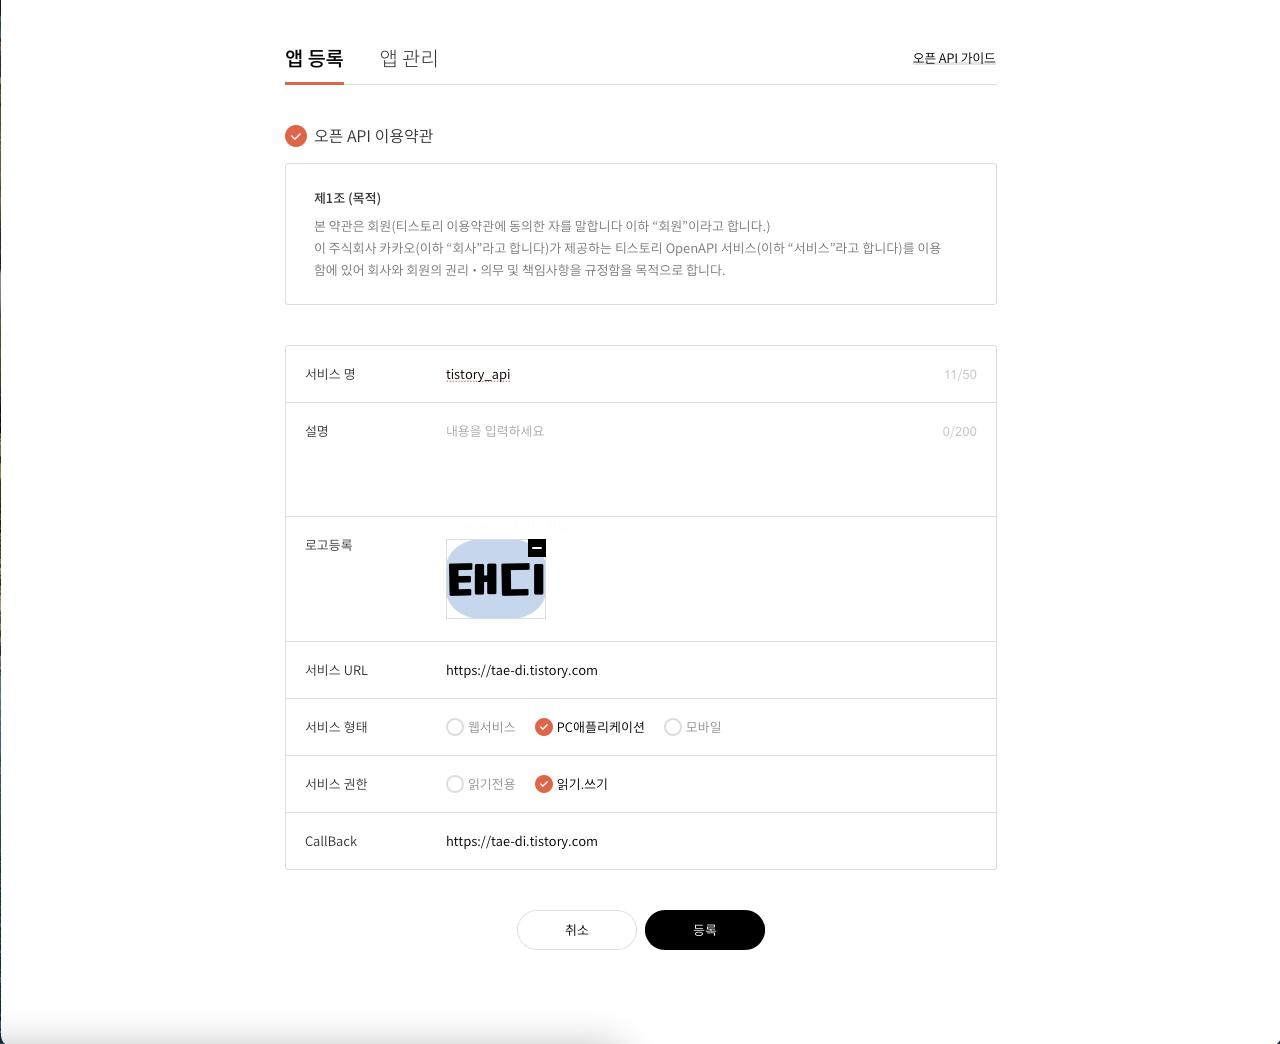 [파이썬] 티스토리 API - 신청 및 Access Token 발급 포스팅 썸네일 이미지